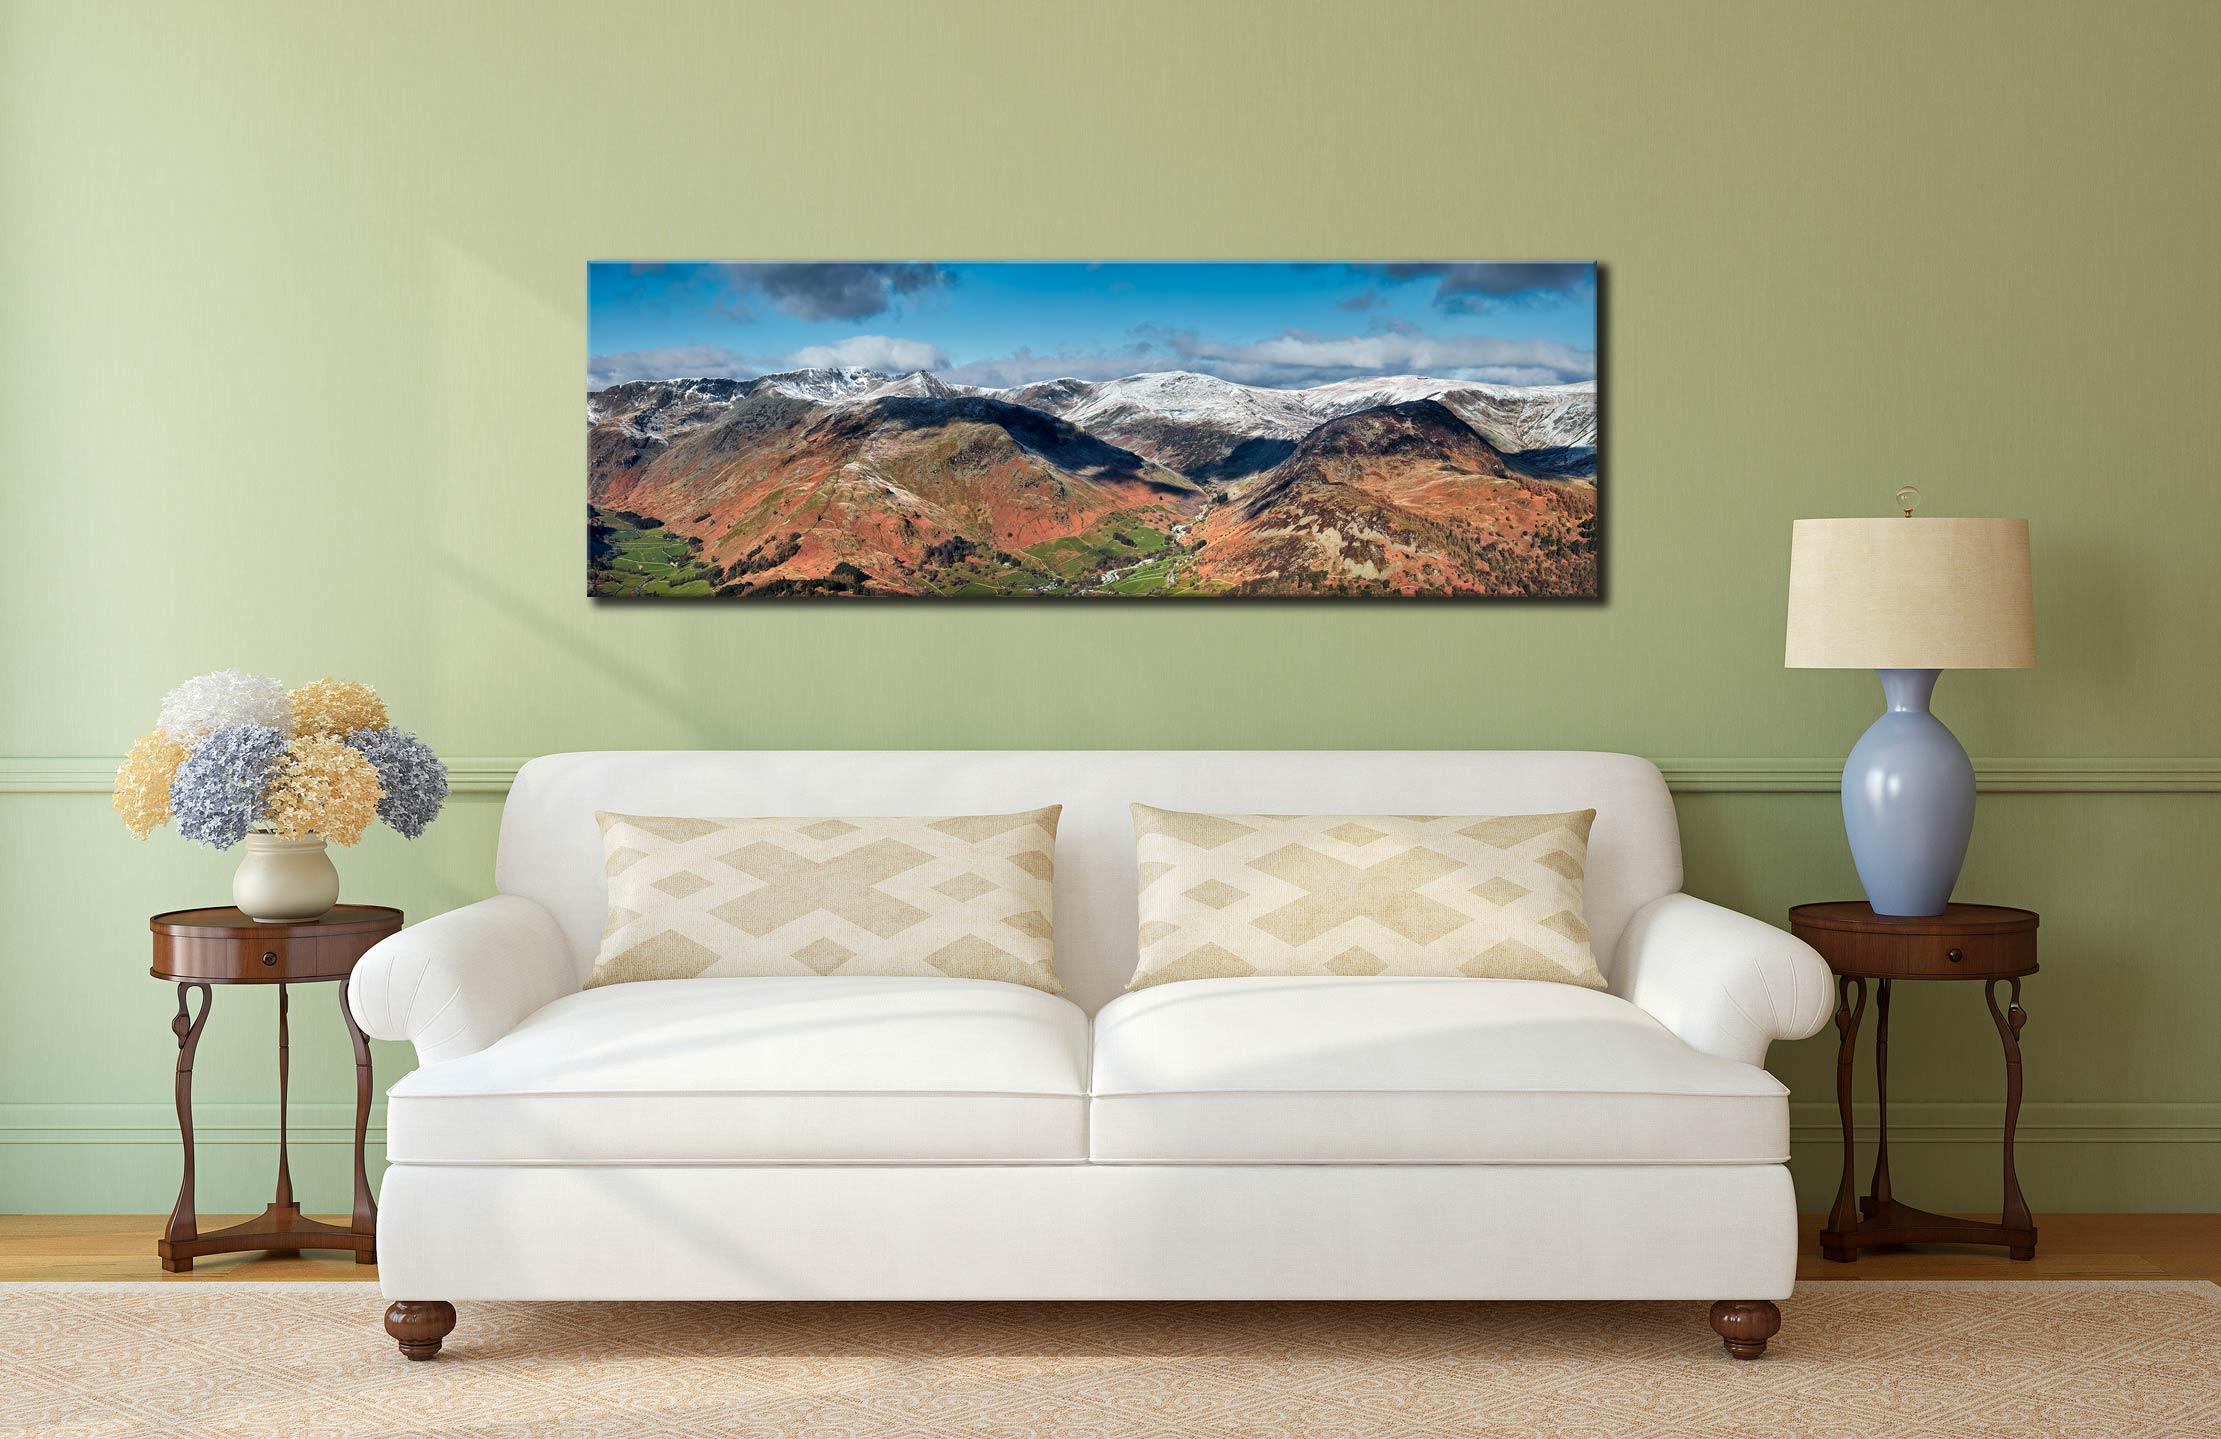 Glenridding Panorama - Canvas Print on Wall